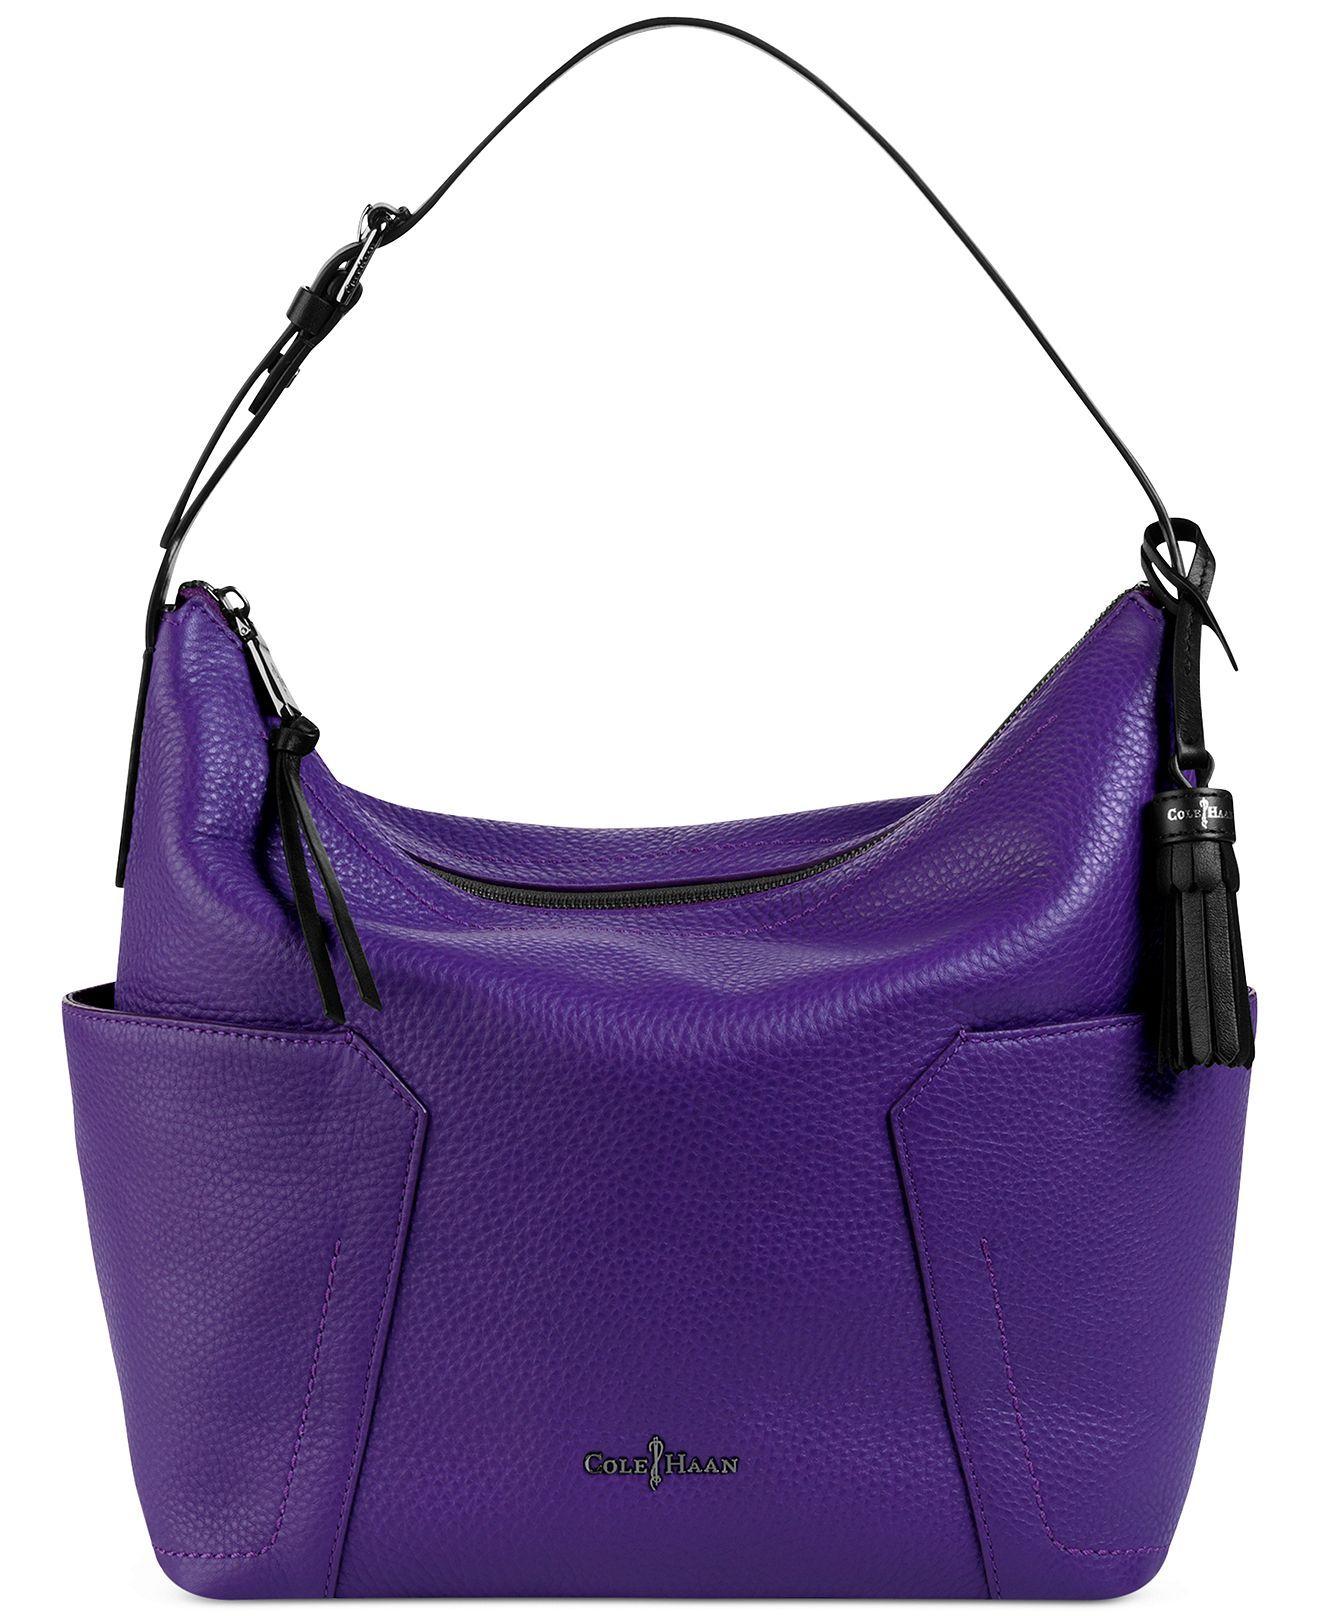 03e0ecc81aa Cole Haan Handbag, Parker New Shoulder Bag | I Dream In Purple ...